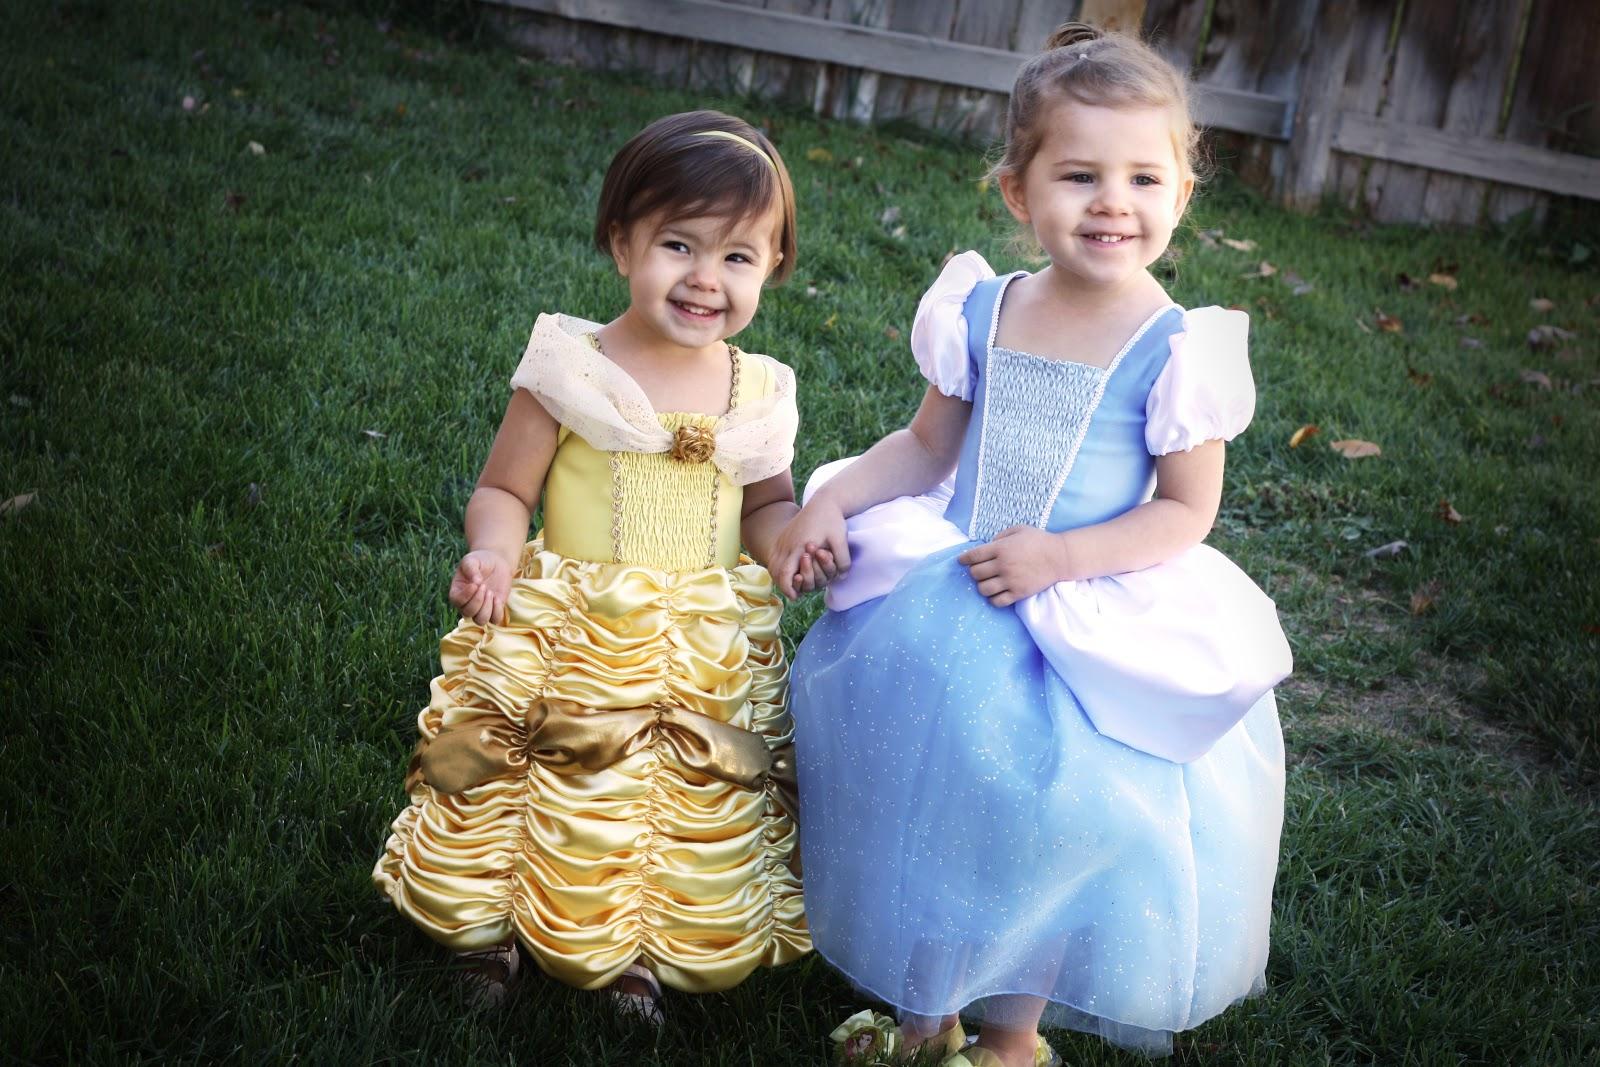 http://2.bp.blogspot.com/-gXS5xOOv93Y/UIJ1eenxHyI/AAAAAAAAAvU/-G7VoQnA6AI/s1600/costumes1.jpg